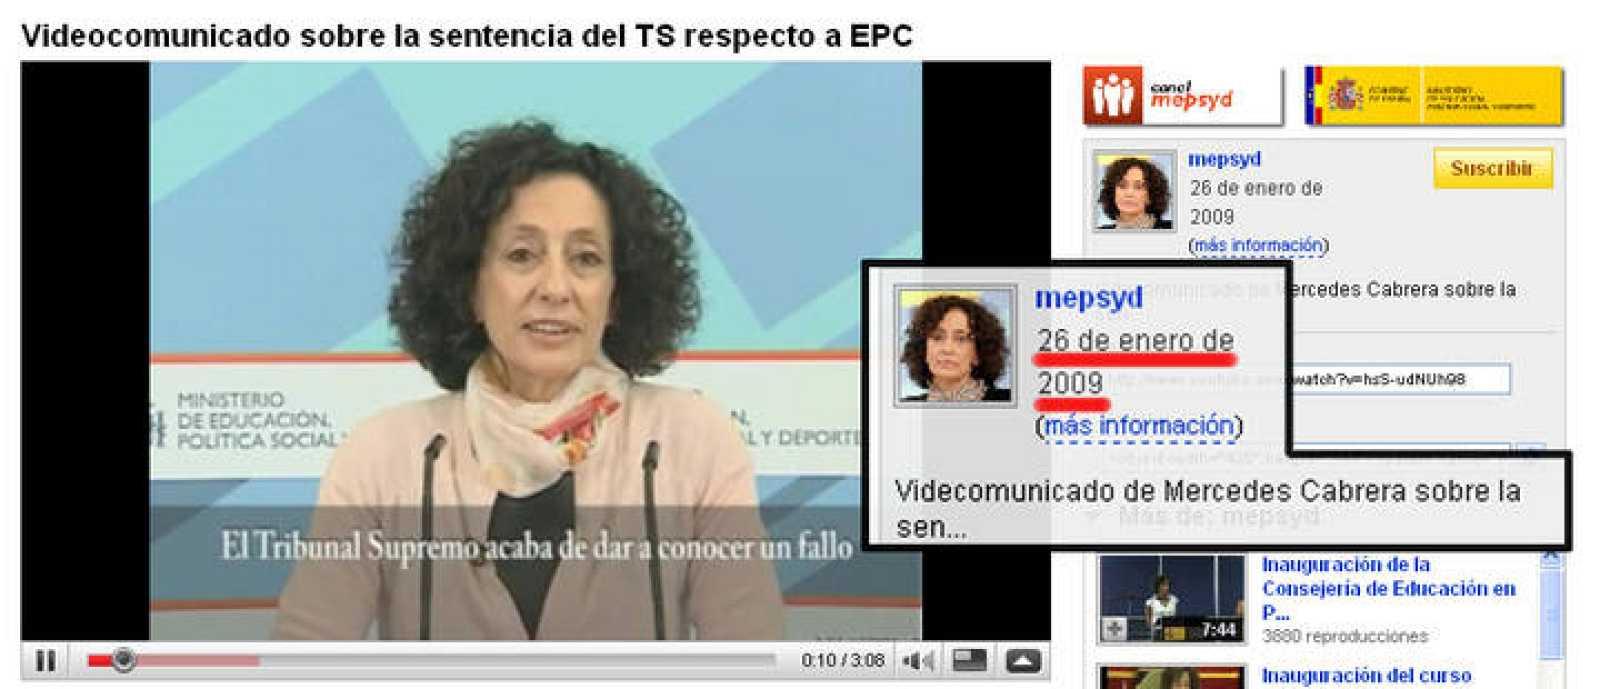 El vídeo de Cabrera que Educación subió a Youtube tiene fecha de 26 de enero, dos días antes de que se conociera la sentencia.